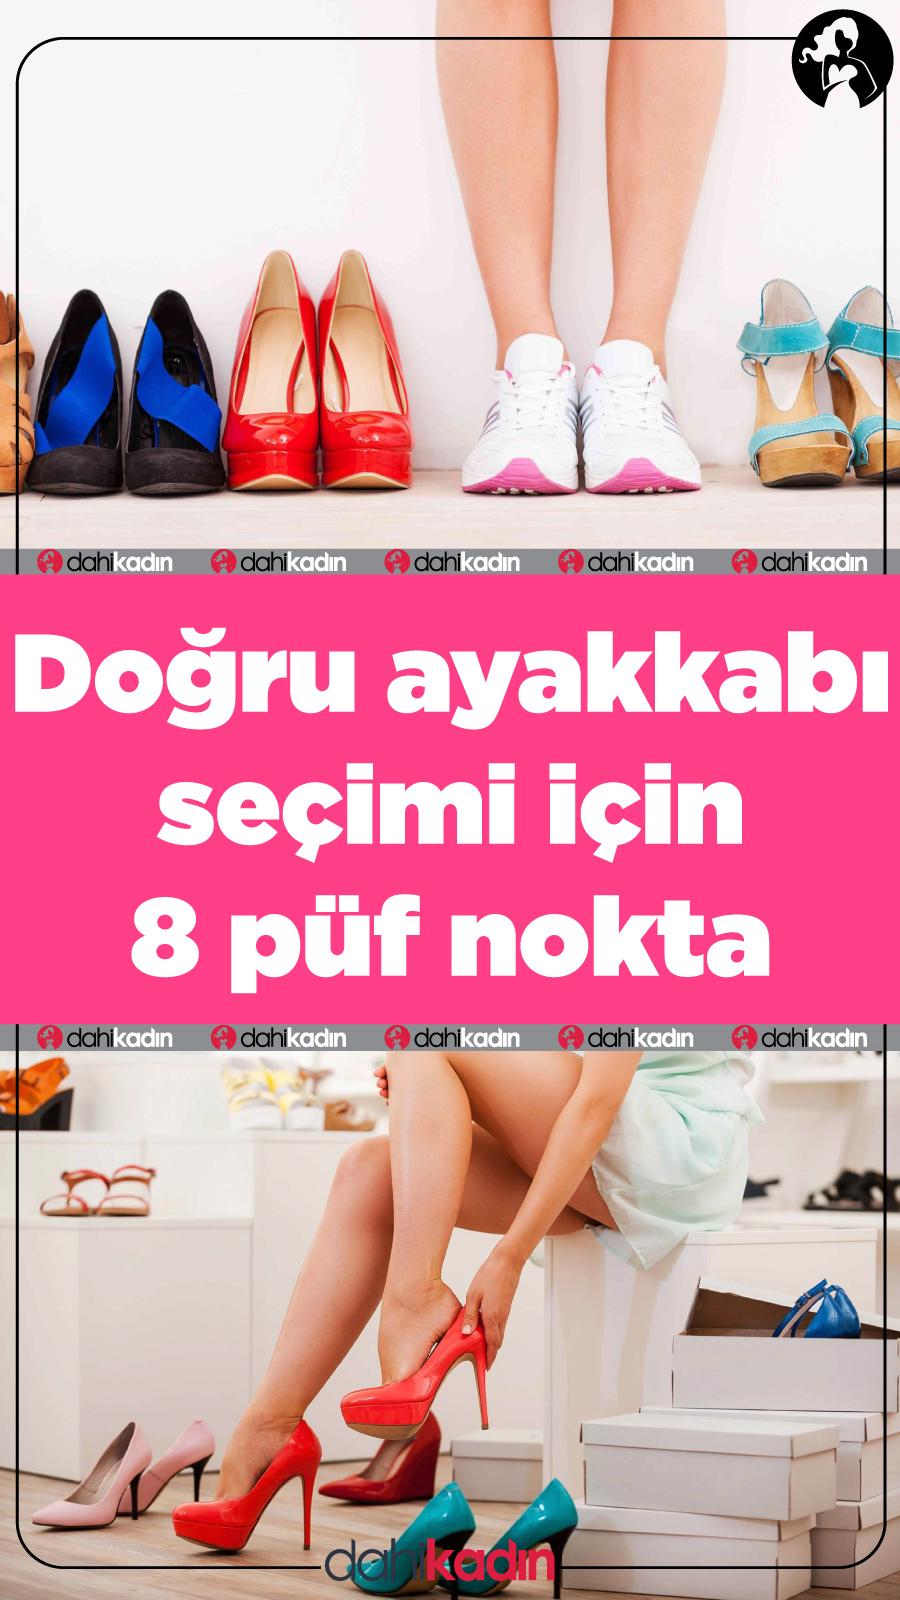 Doğru ayakkabı seçimi için 8 püf nokta